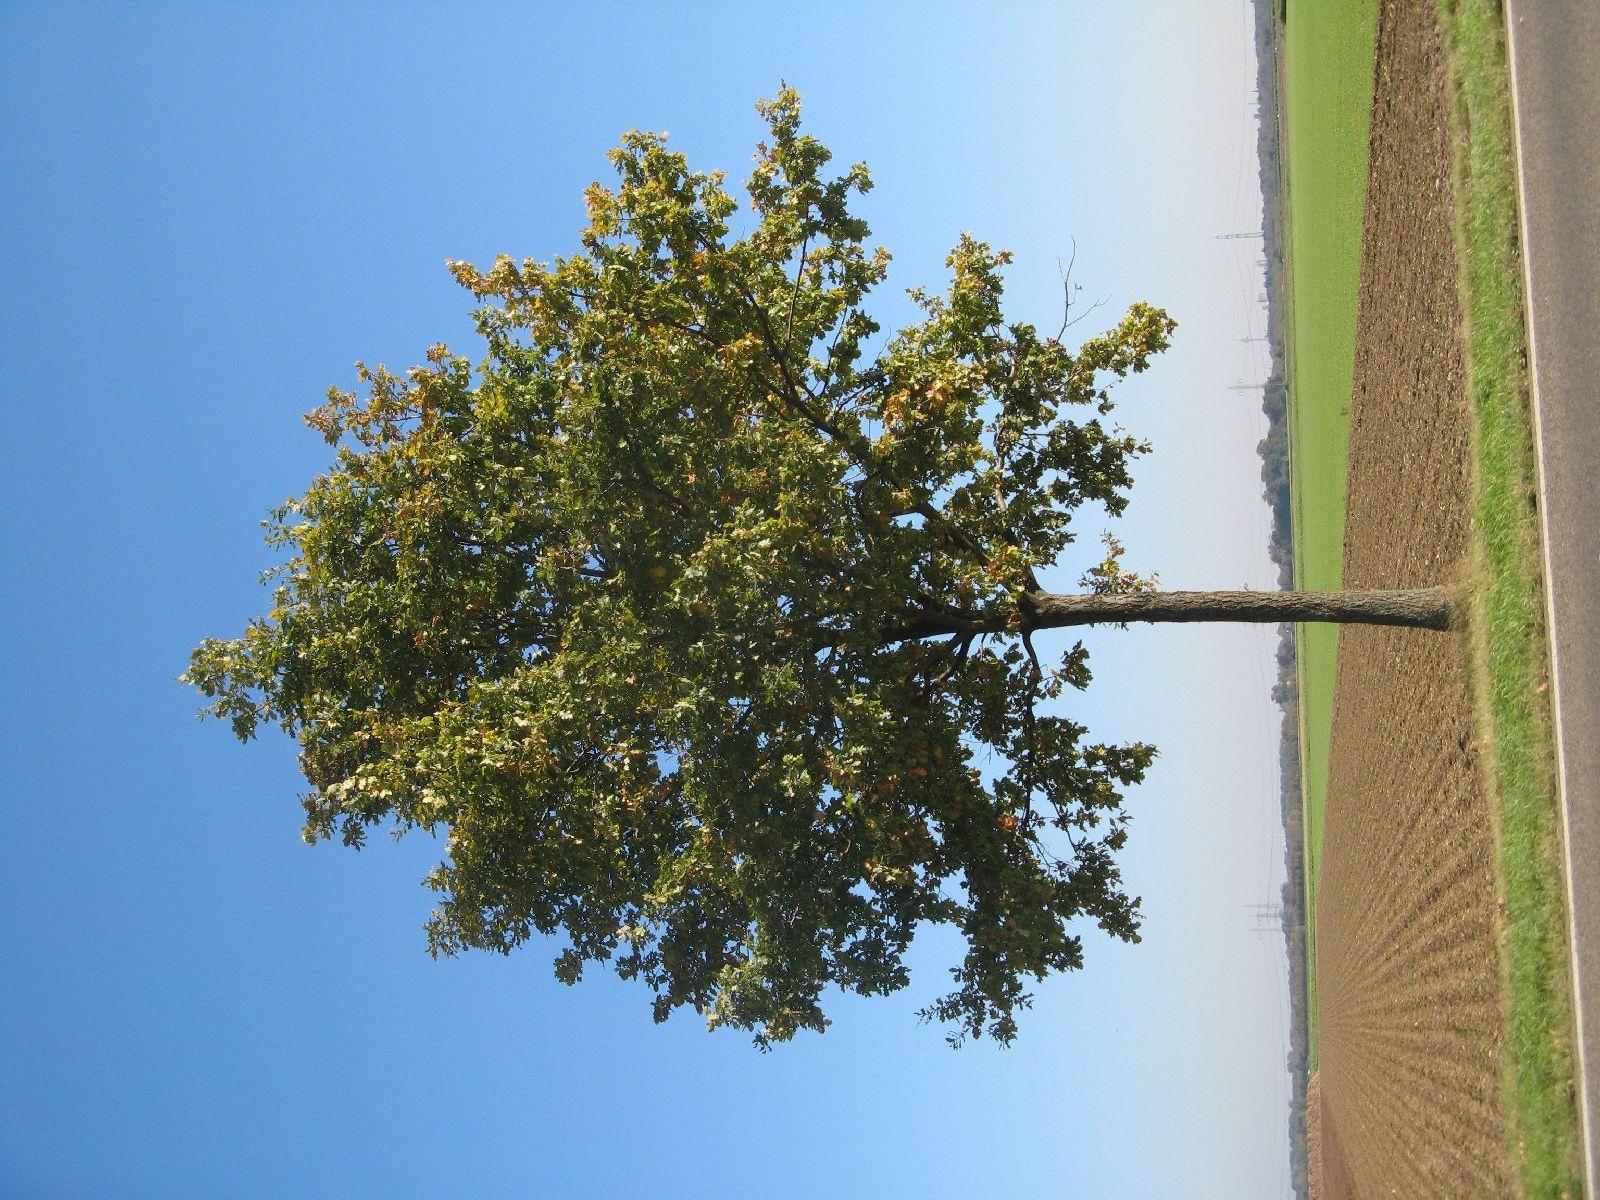 Pflanzen-Baum-Foto_Textur_B_3748